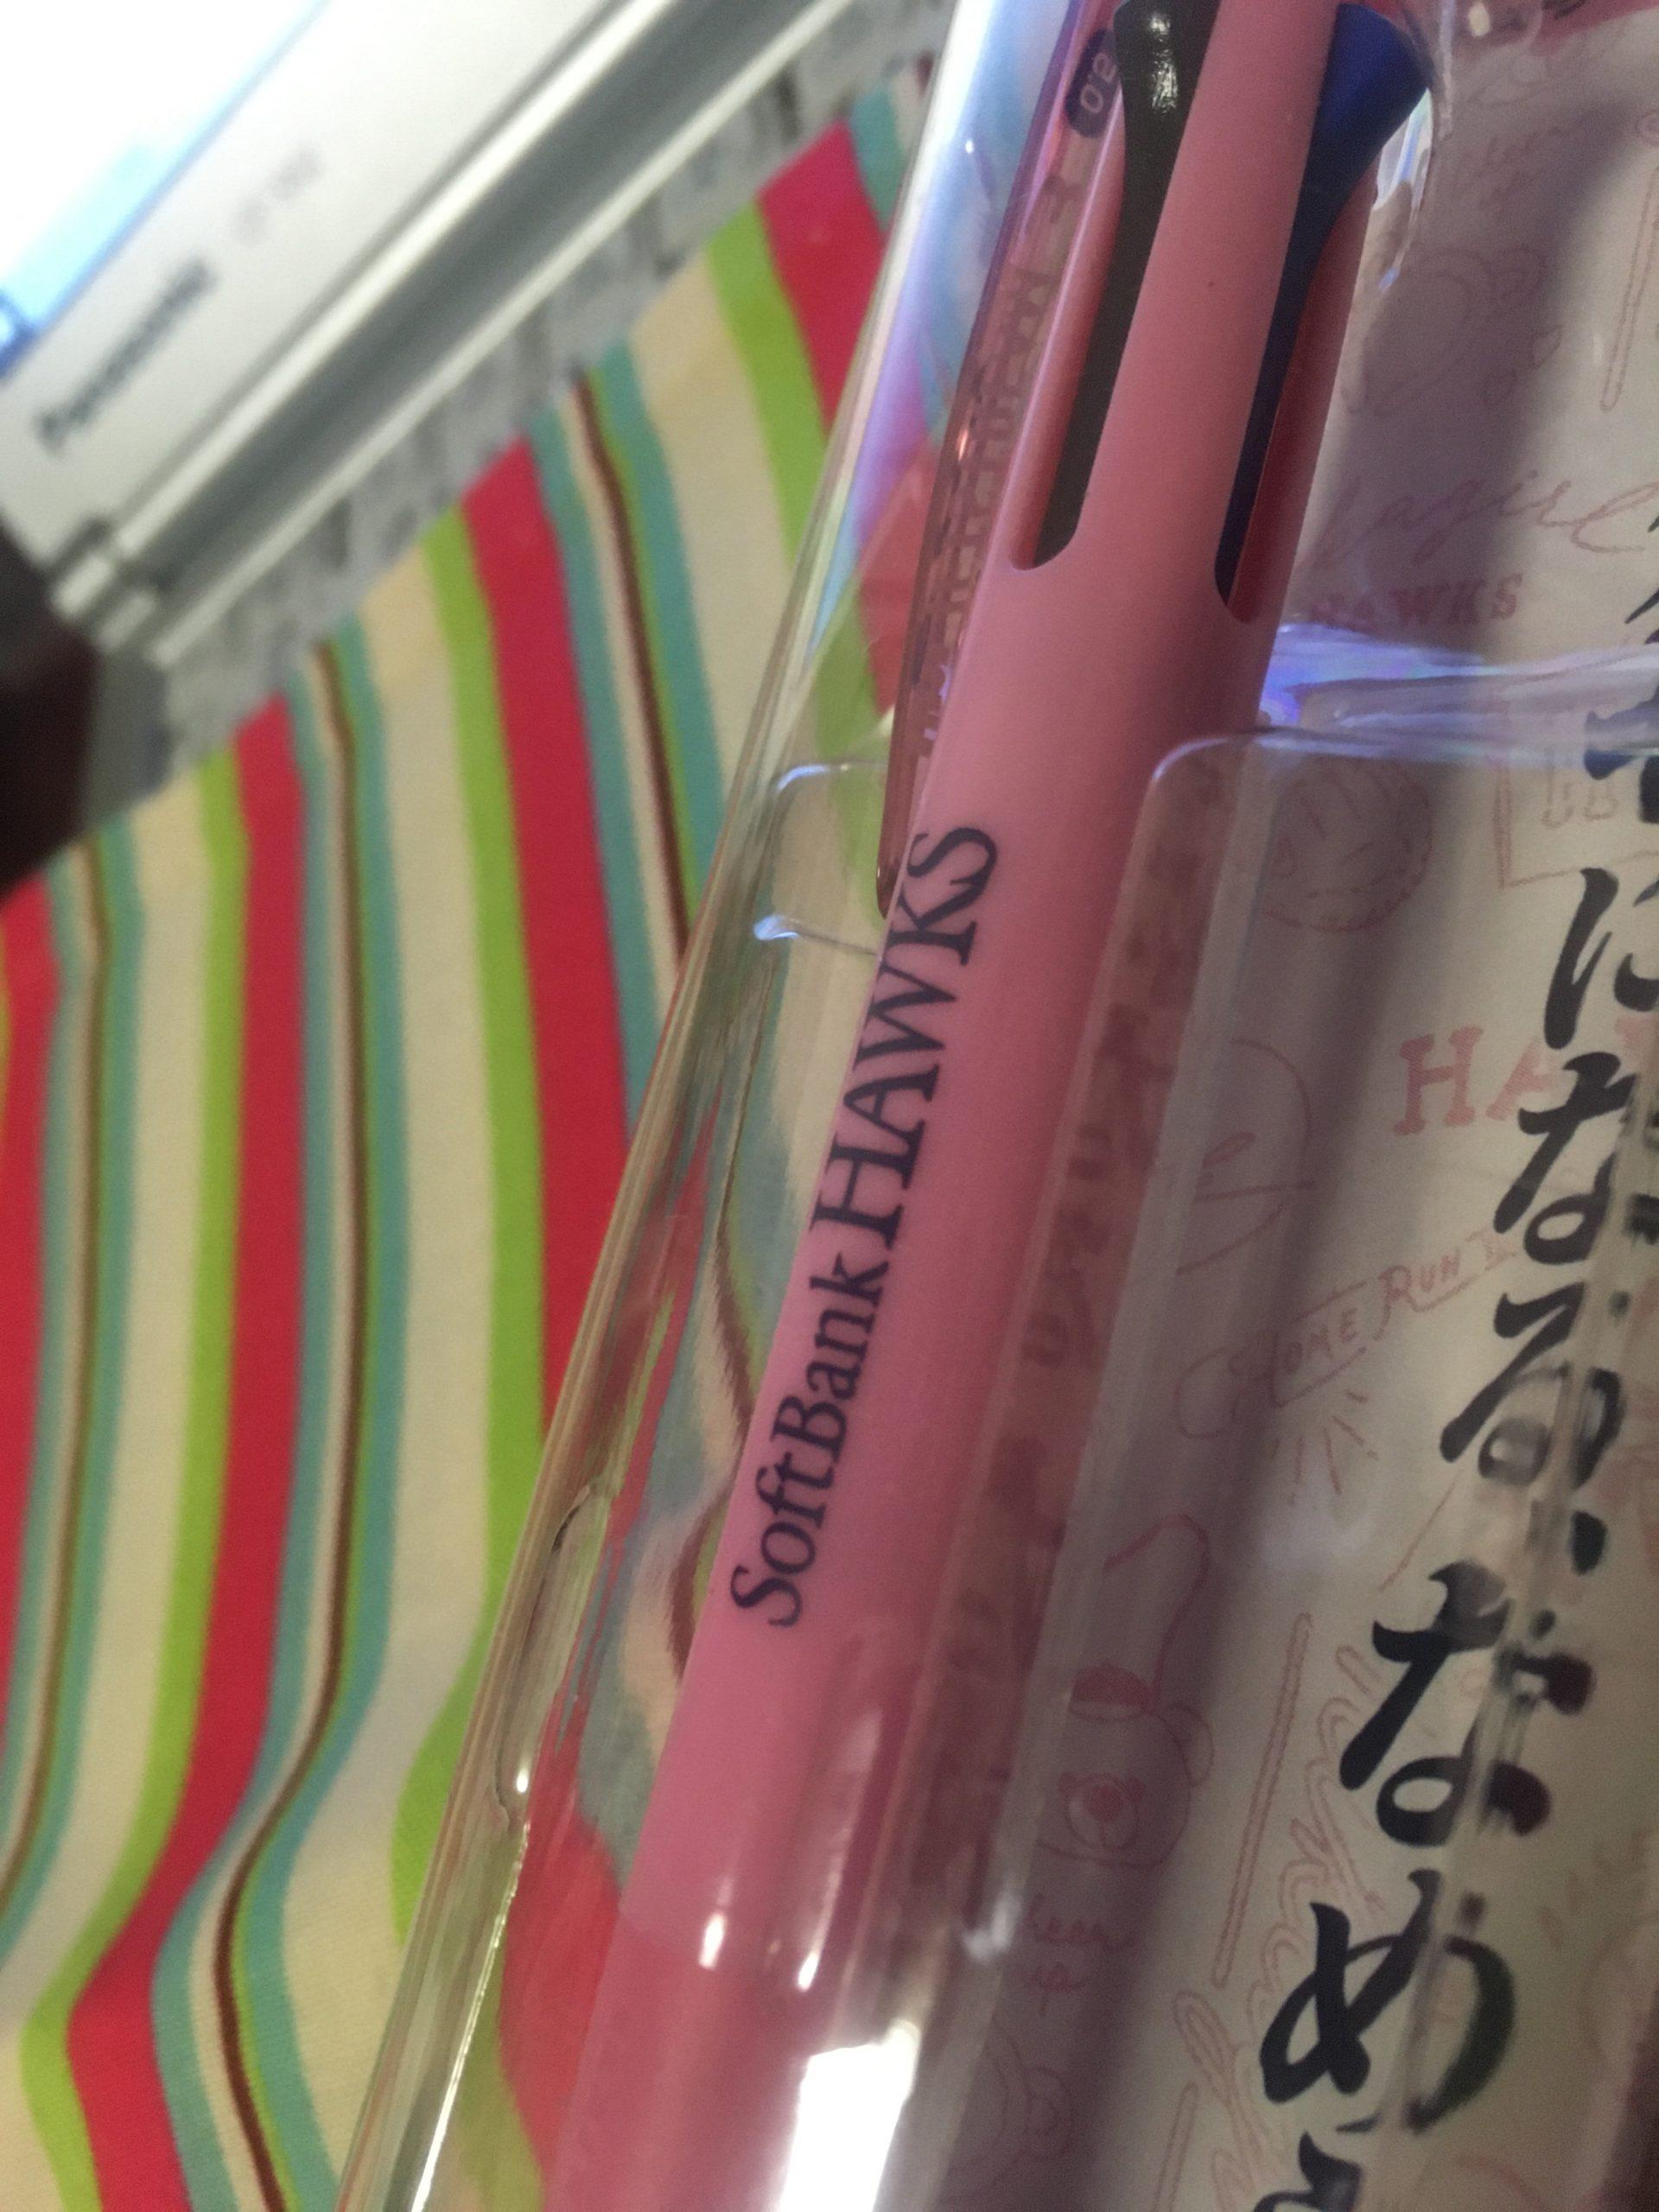 ホークスのペン